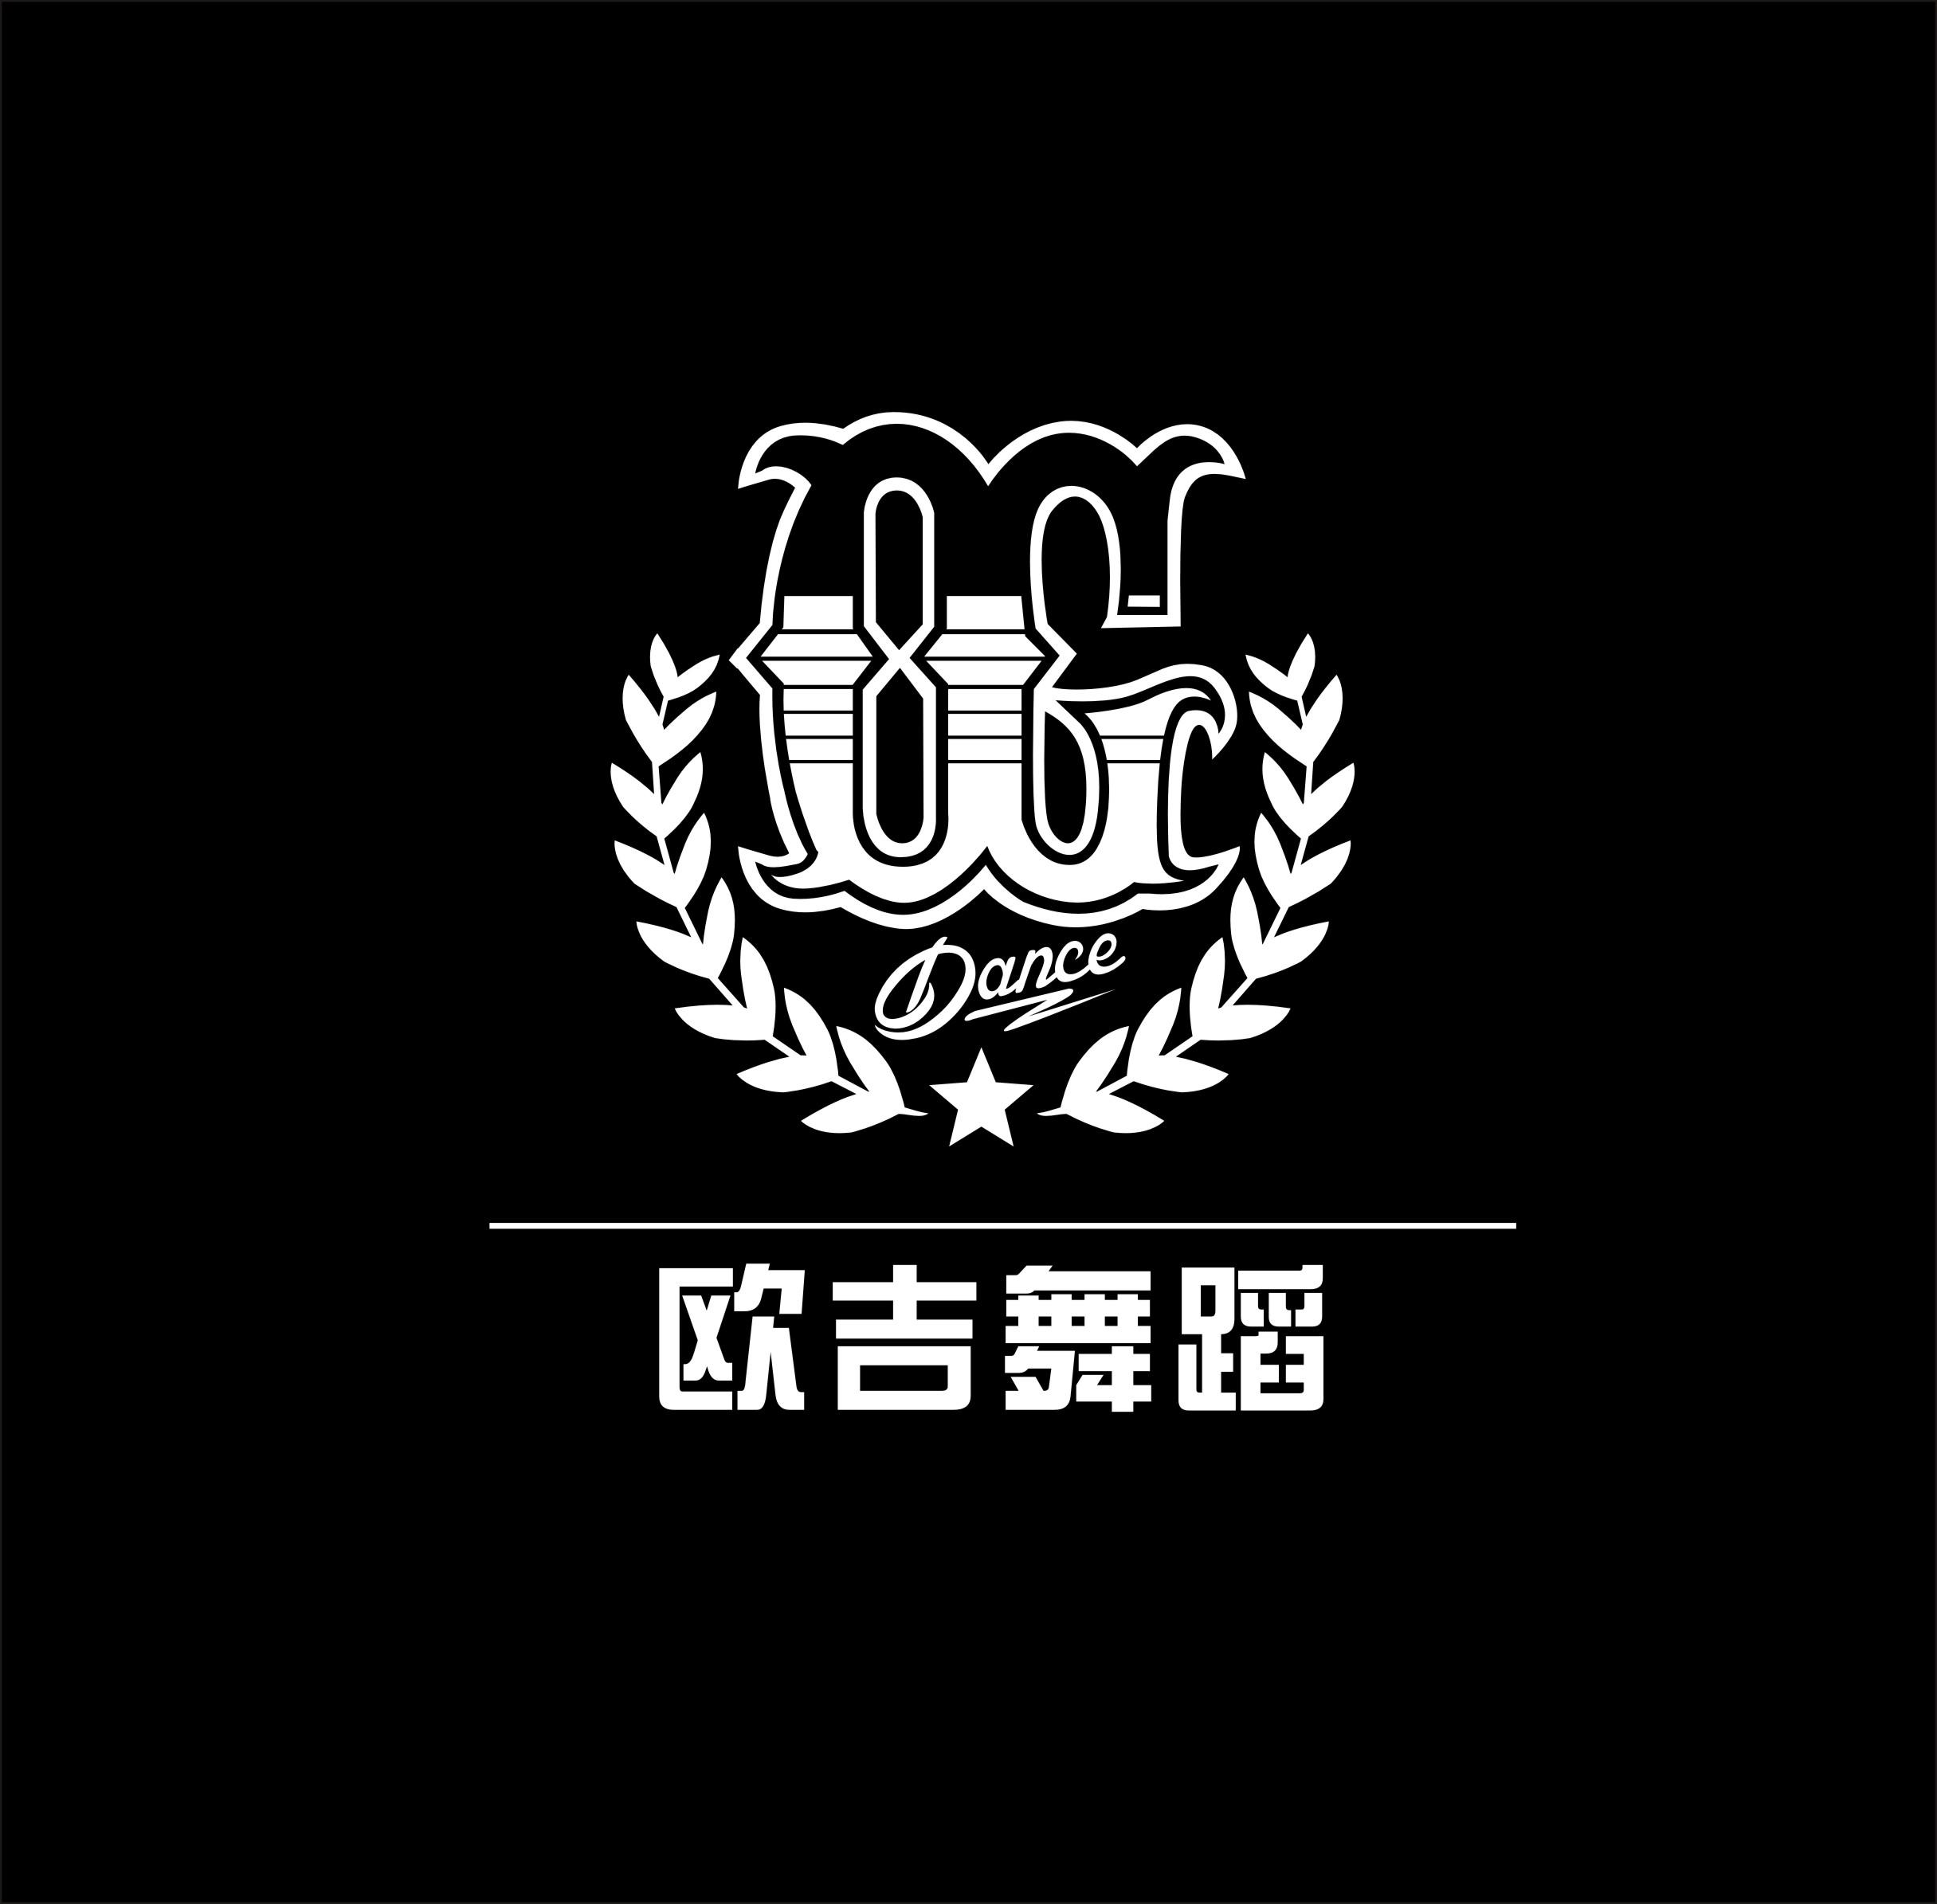 【欧吉舞蹈】OG舞团LOGO